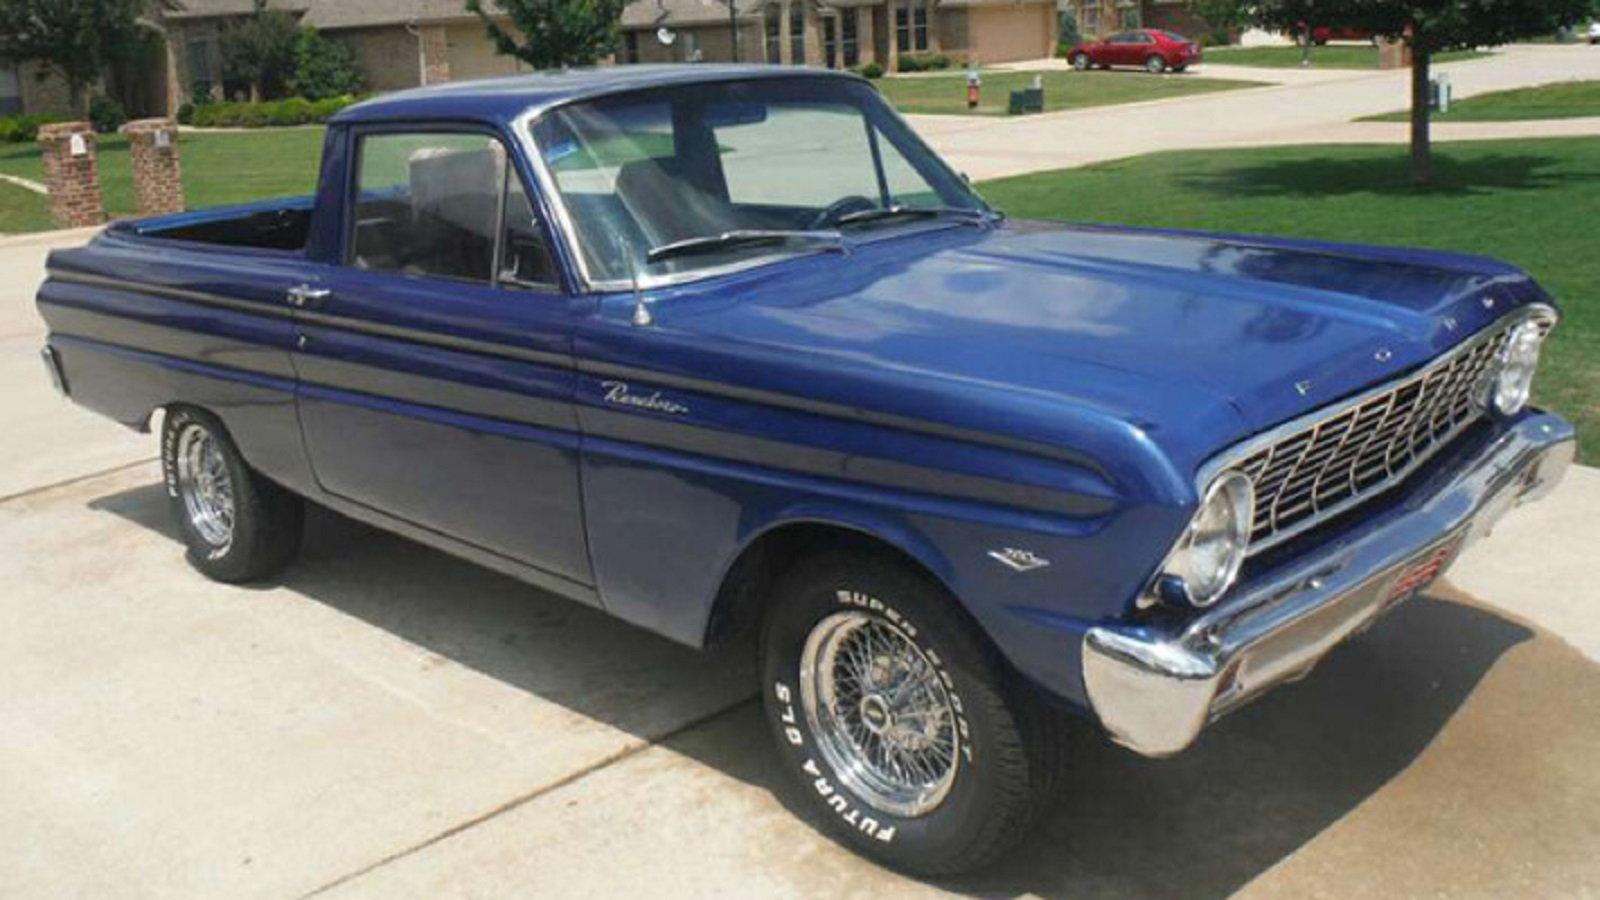 1960 to 1965 Falcon Ranchero